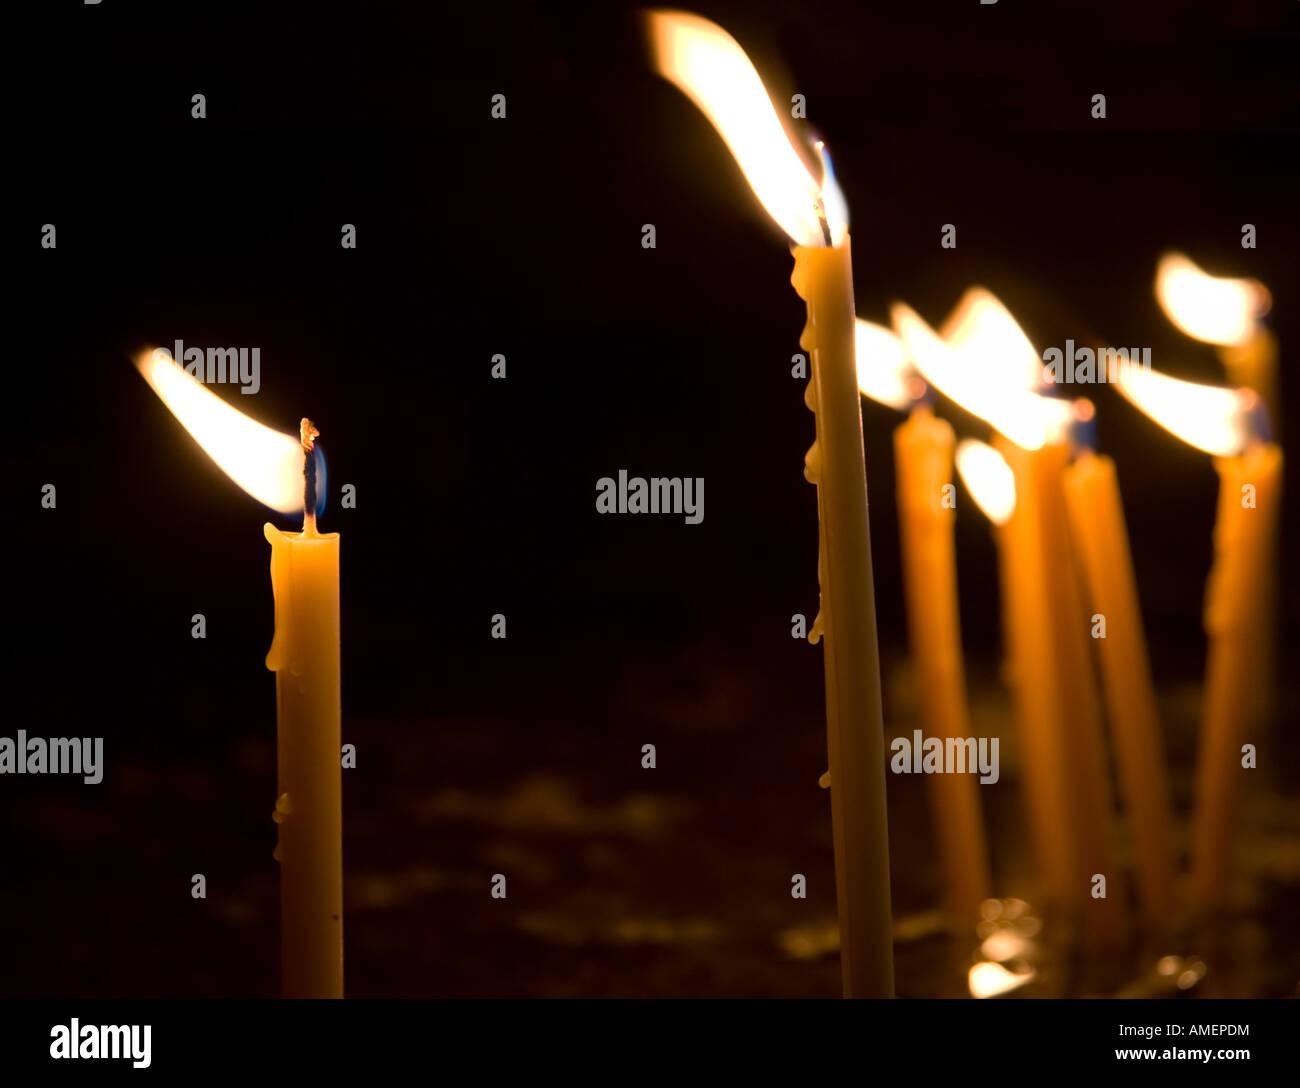 Burning candles - Stock Image